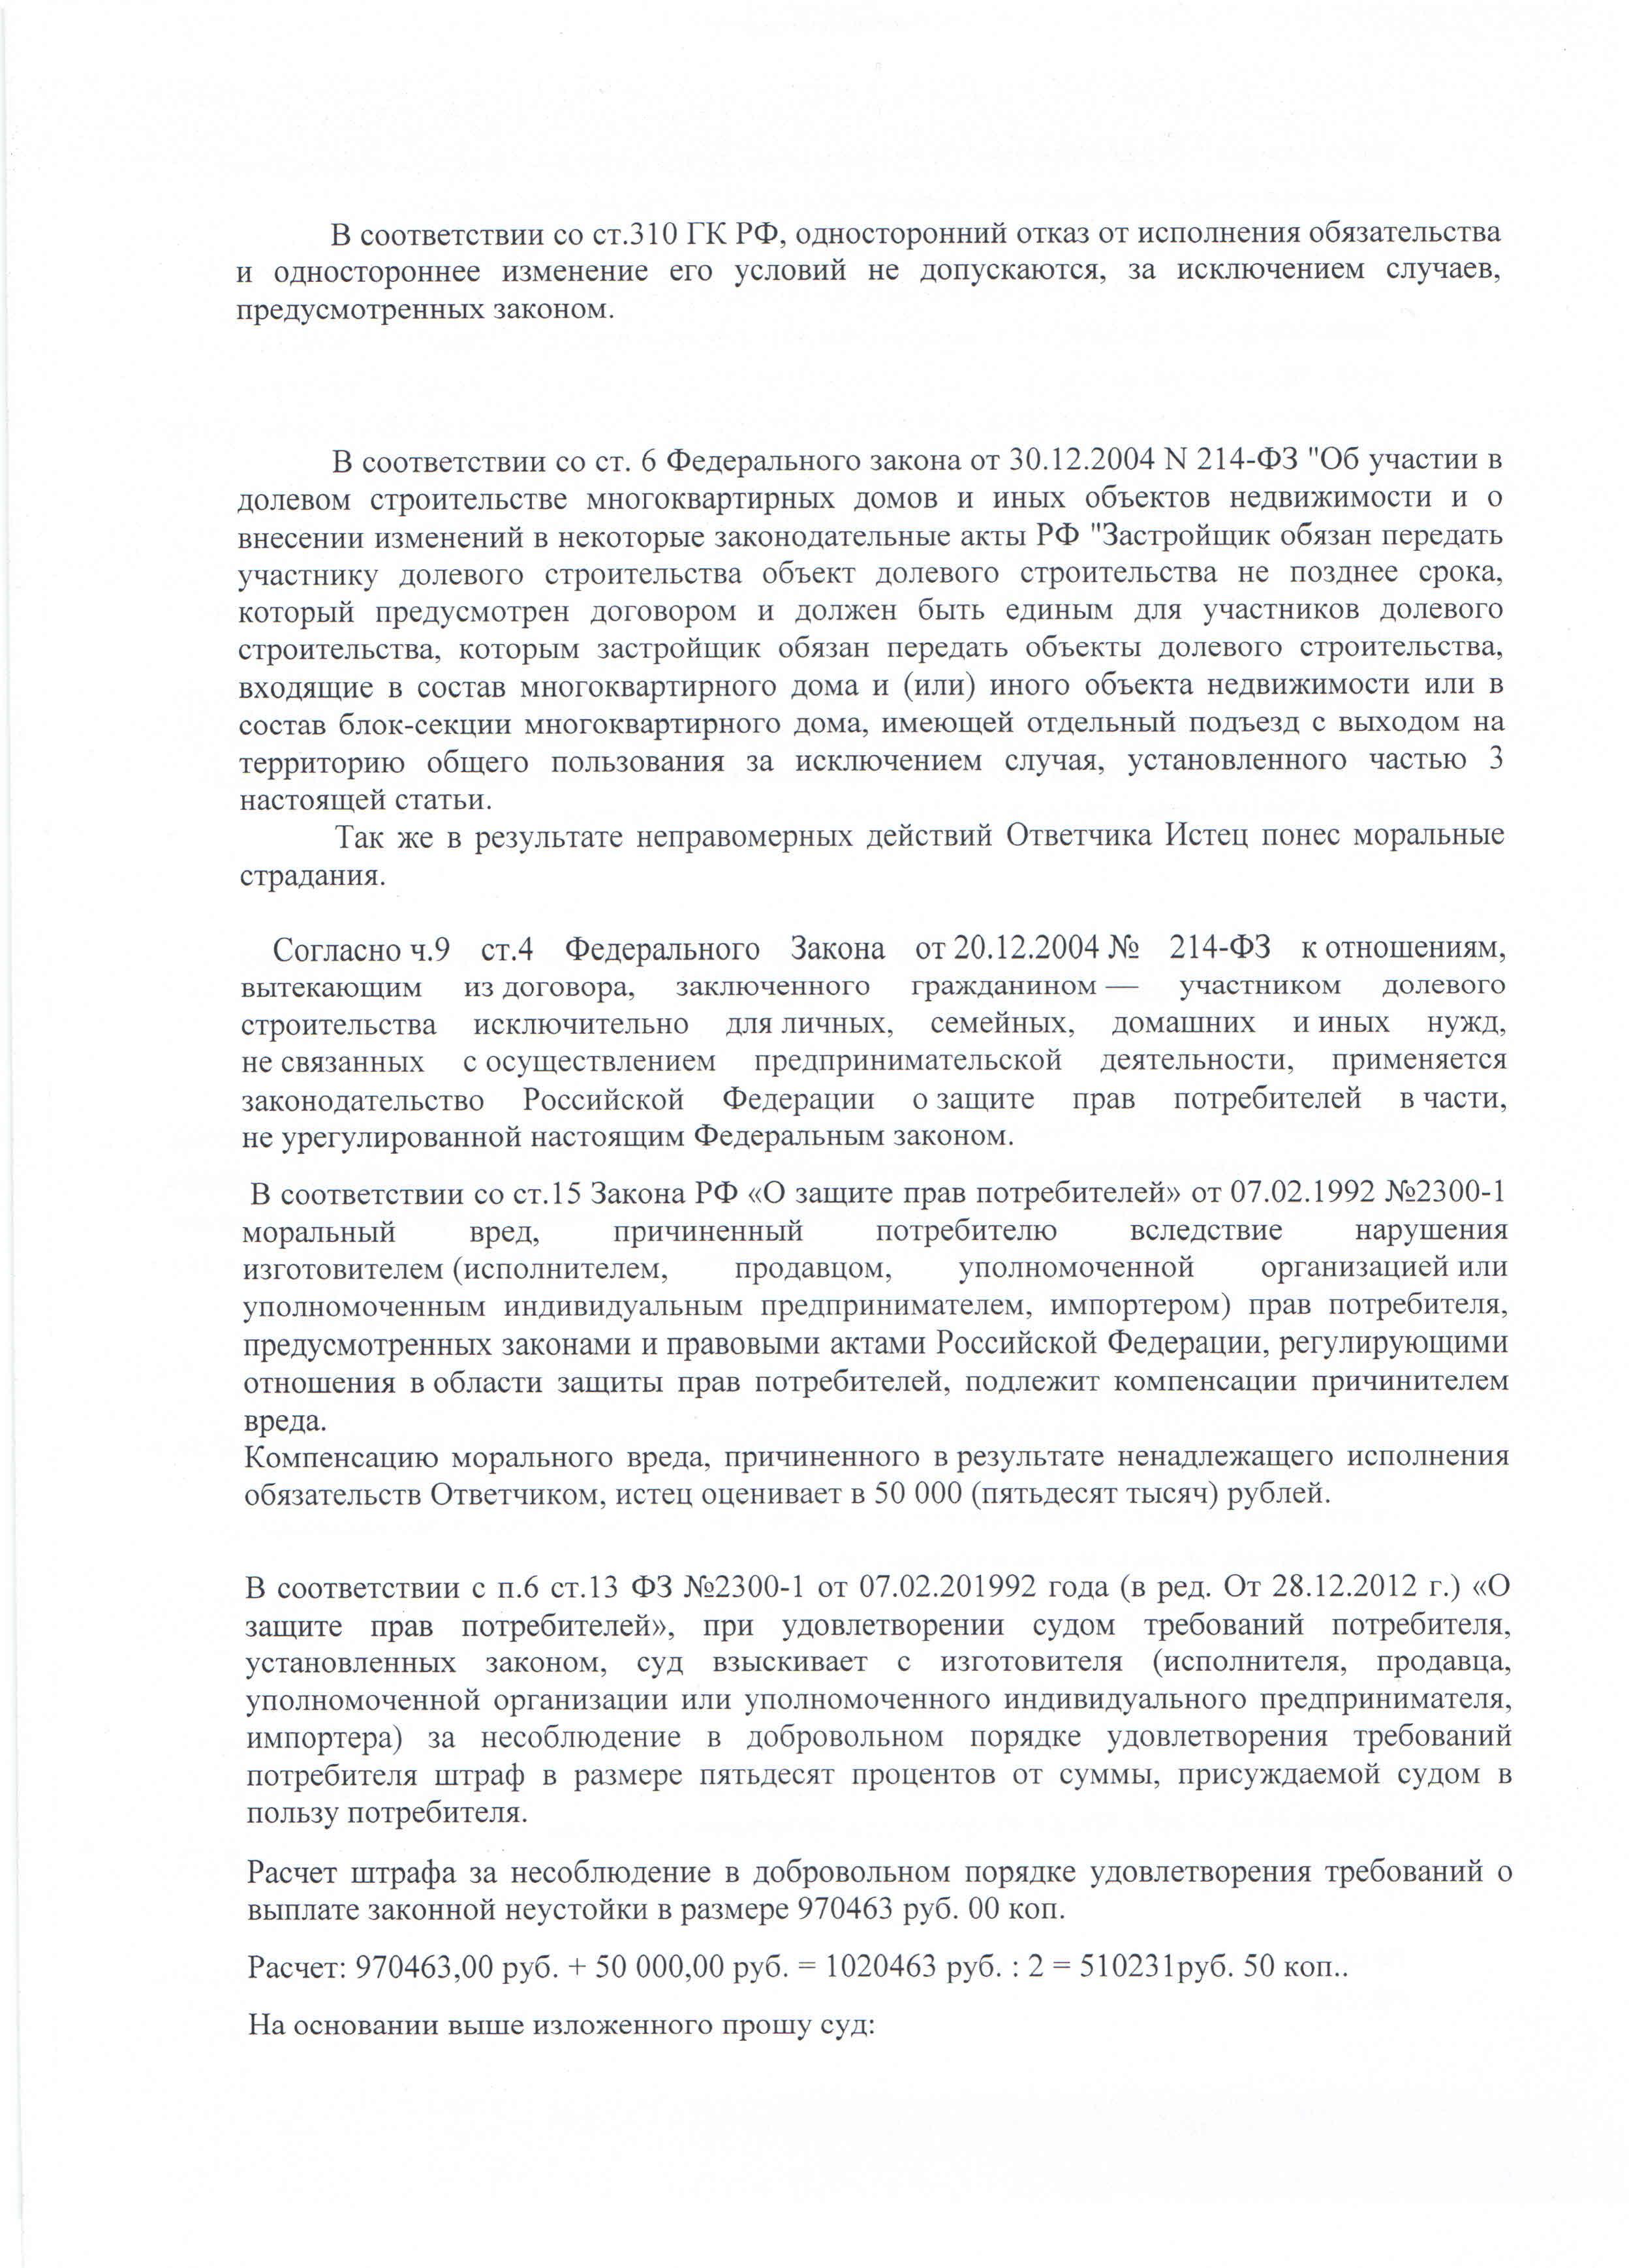 ИНТЕРЕСНАЯ ИНФОРМАЦИЯ ПО 44-ФЗ (тема будет)